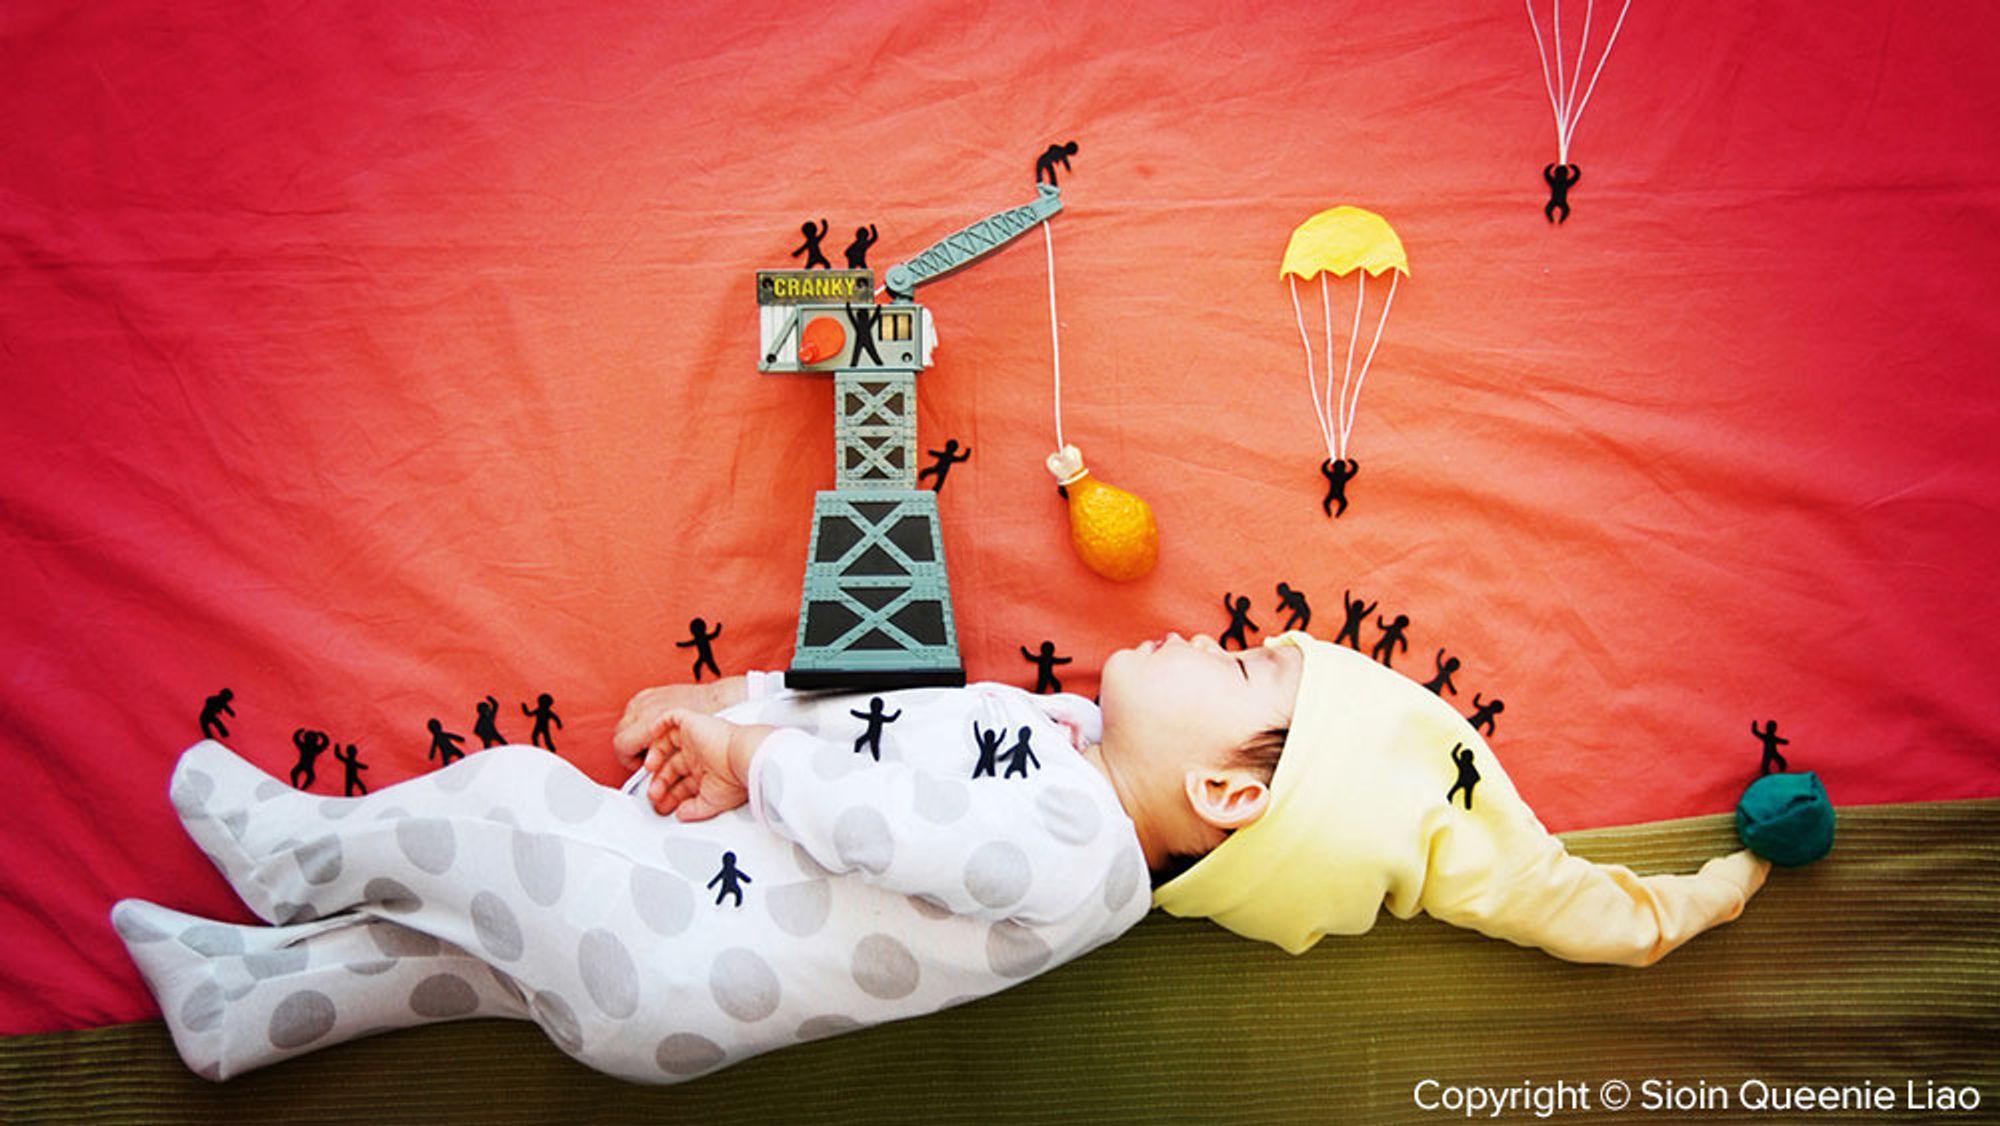 Hva skjer egentlig i barns drømmer?